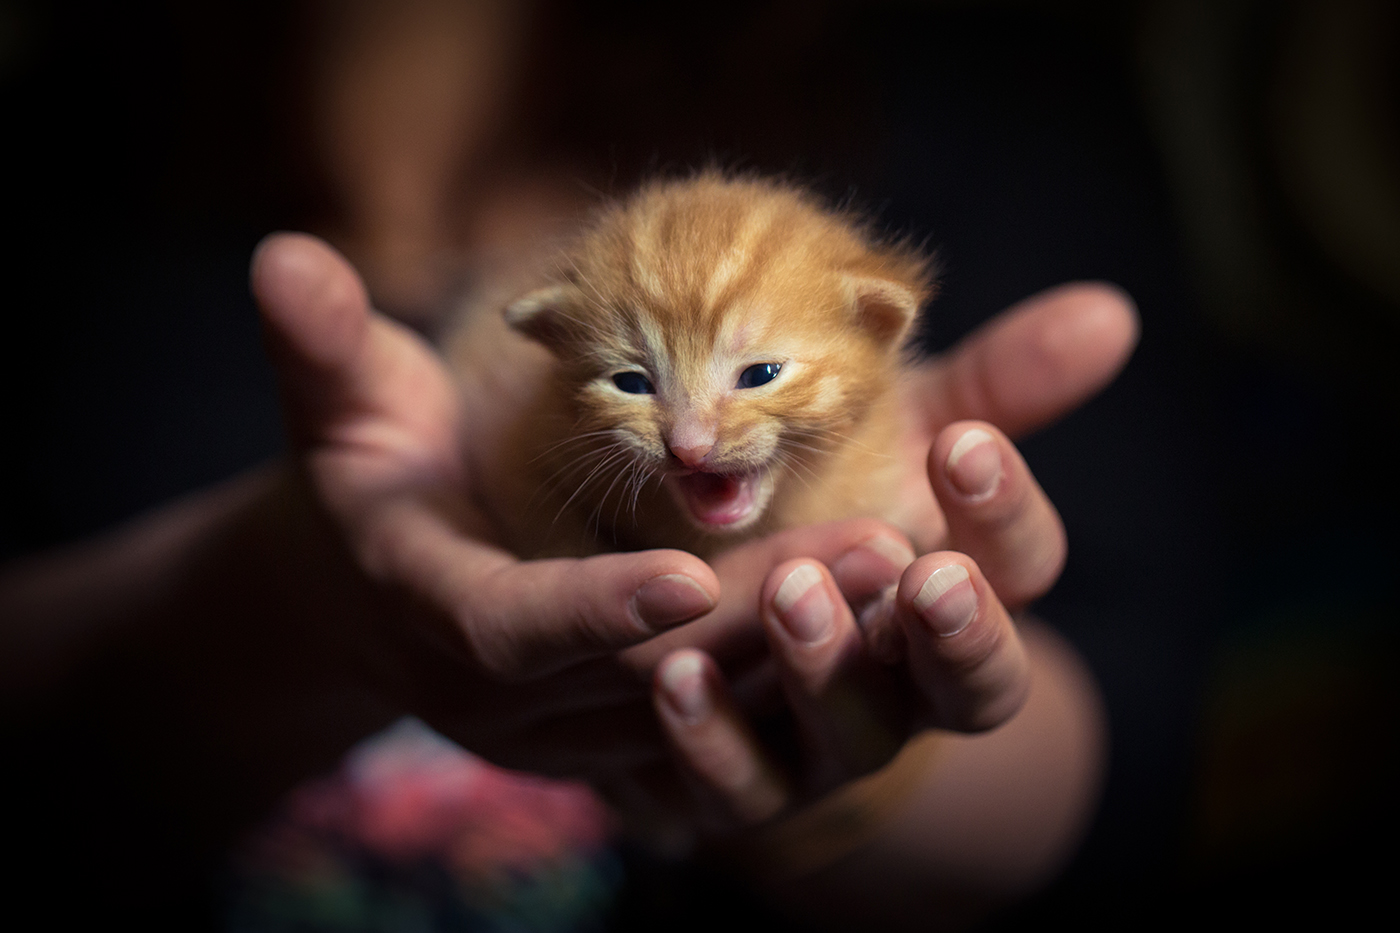 photographe-animalier-chat-poitiers-guillaume-heraud-18